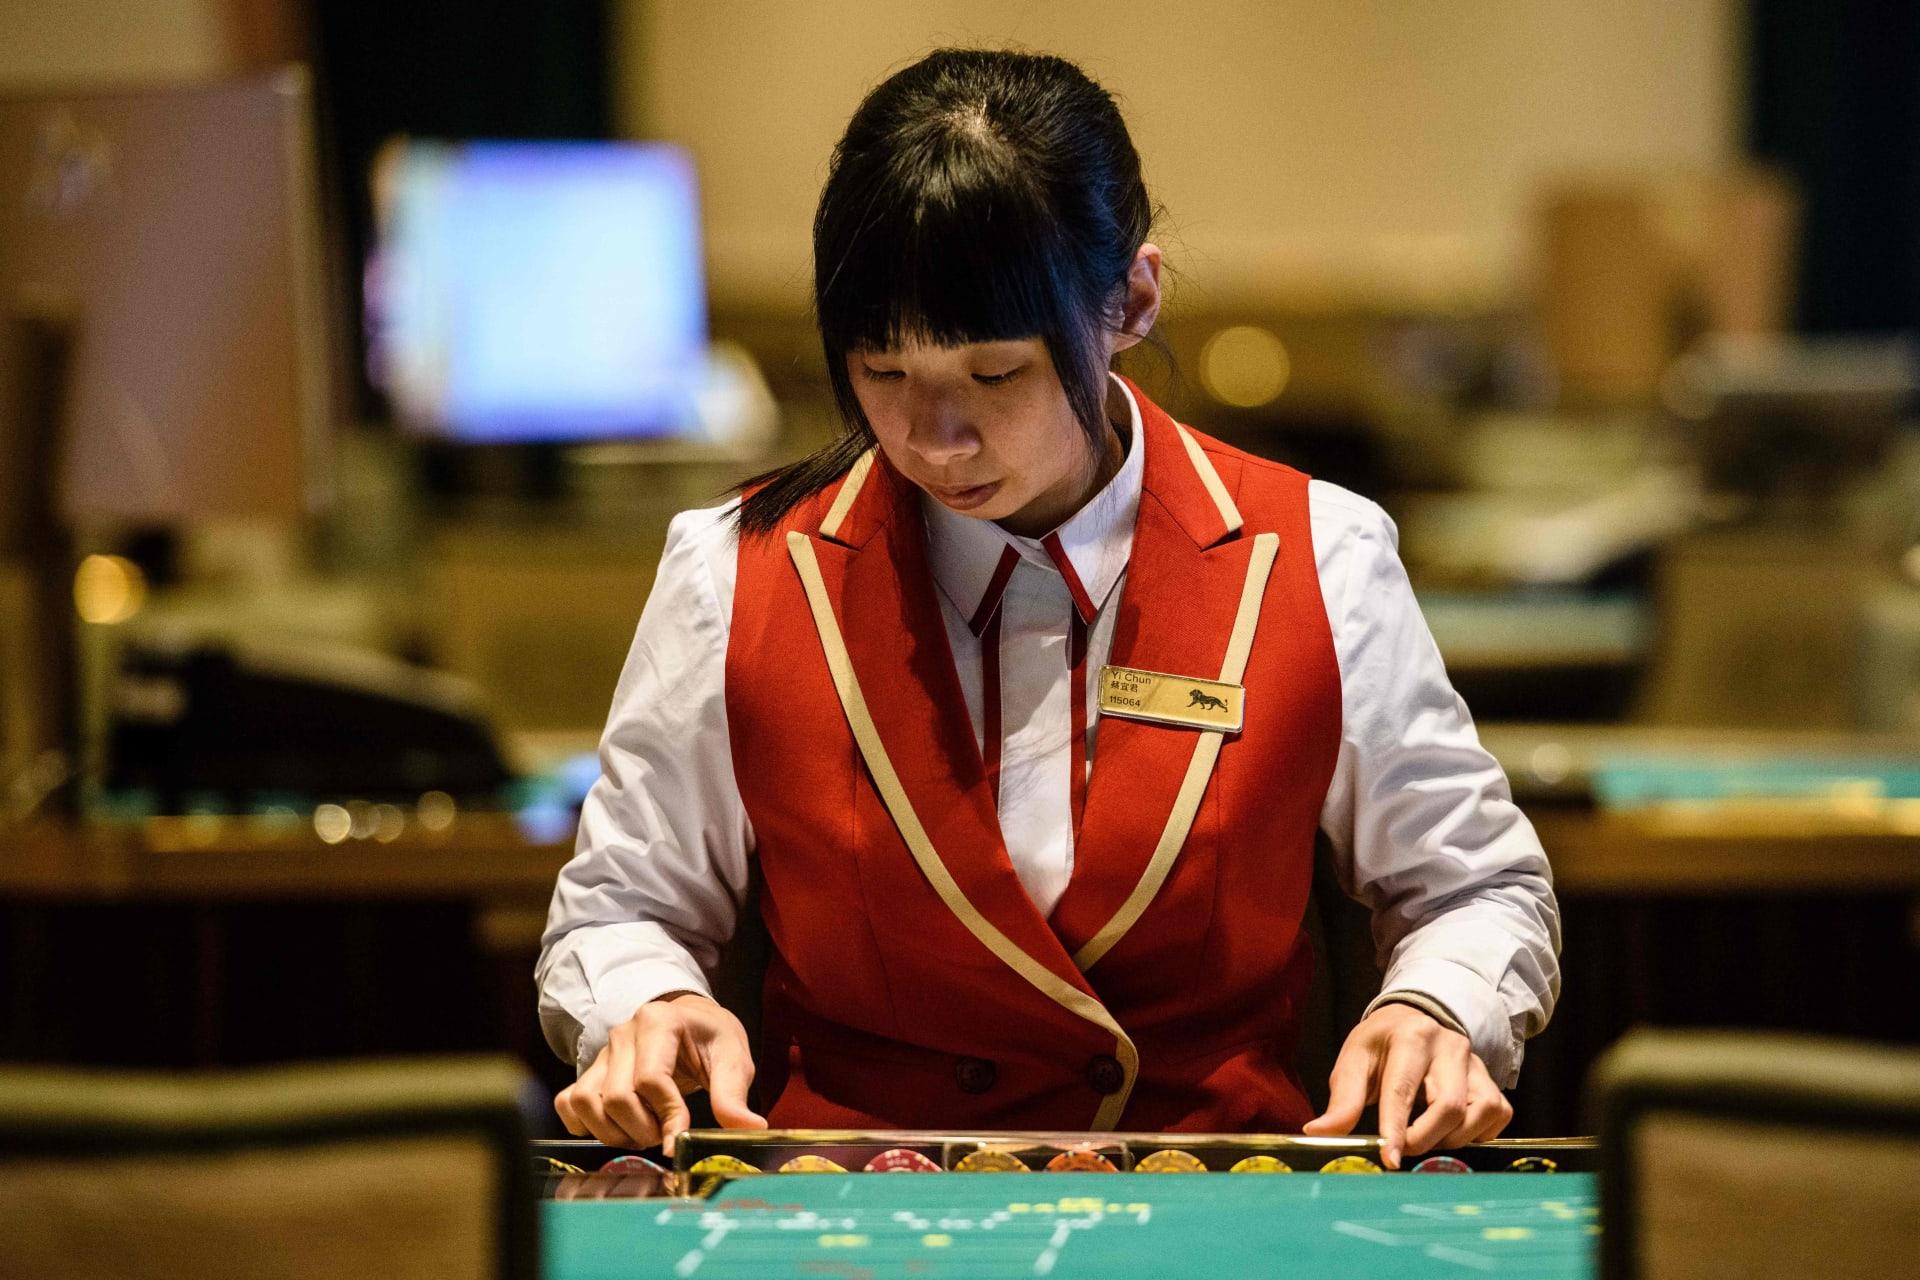 زيادة عائدات المقامرة في ماكاو 11 ضعفًا في أبريل عقب تخفيف قيود سفر الصينيين